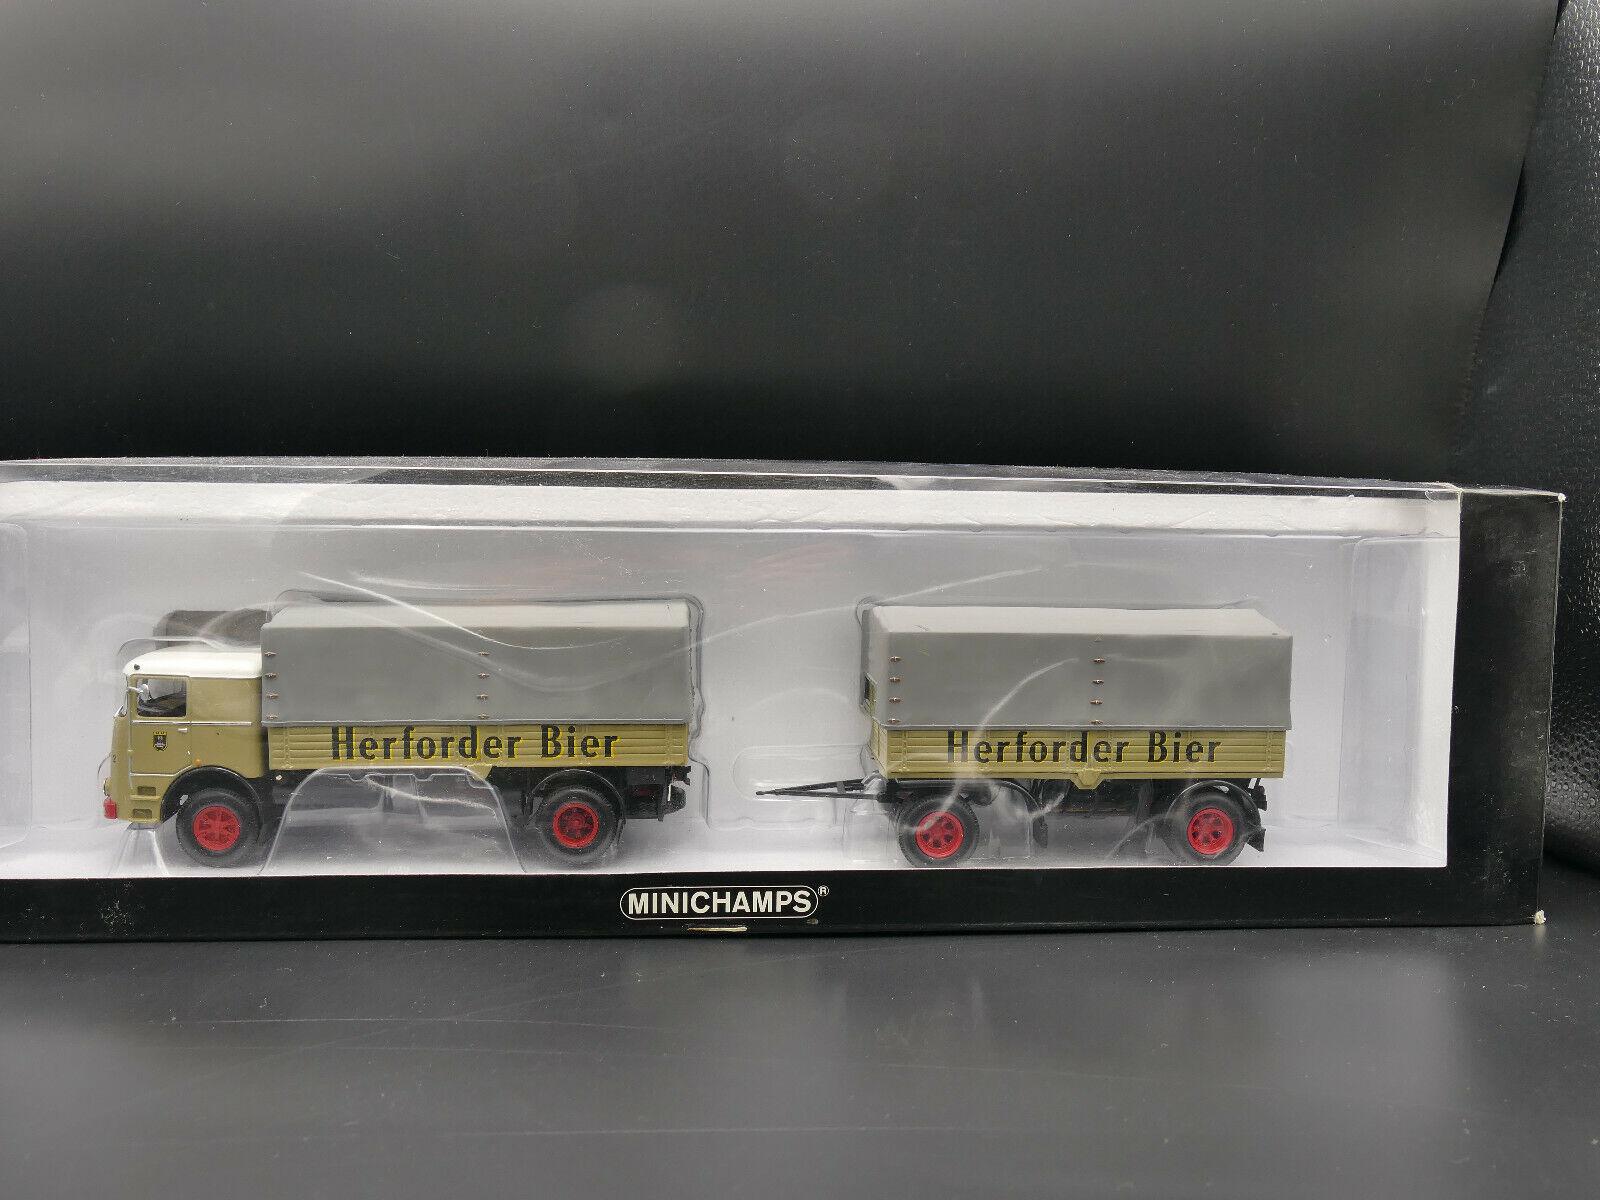 disfruta ahorrando 30-50% de descuento Minichamps Bussing LU11 16 16 16 pritschenzug HERFORDER BIER-Limited 648  mejor precio